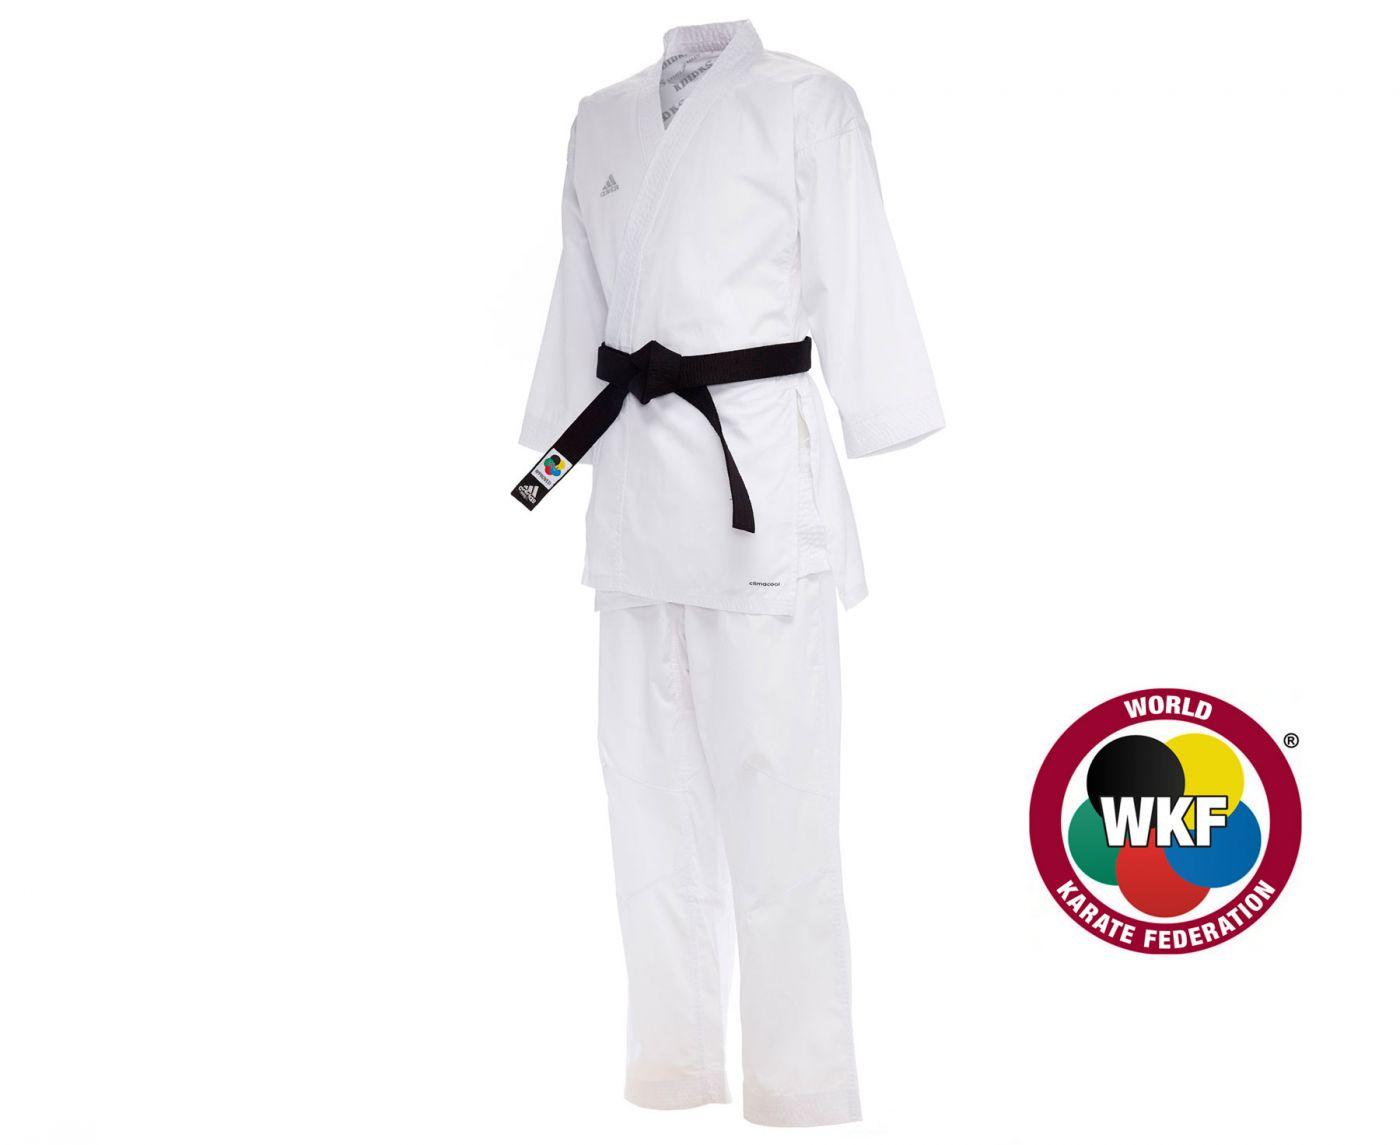 Кимоно для карате Adidas Kumite Fighter WKF белое, размер 185 см, артикул K220KF